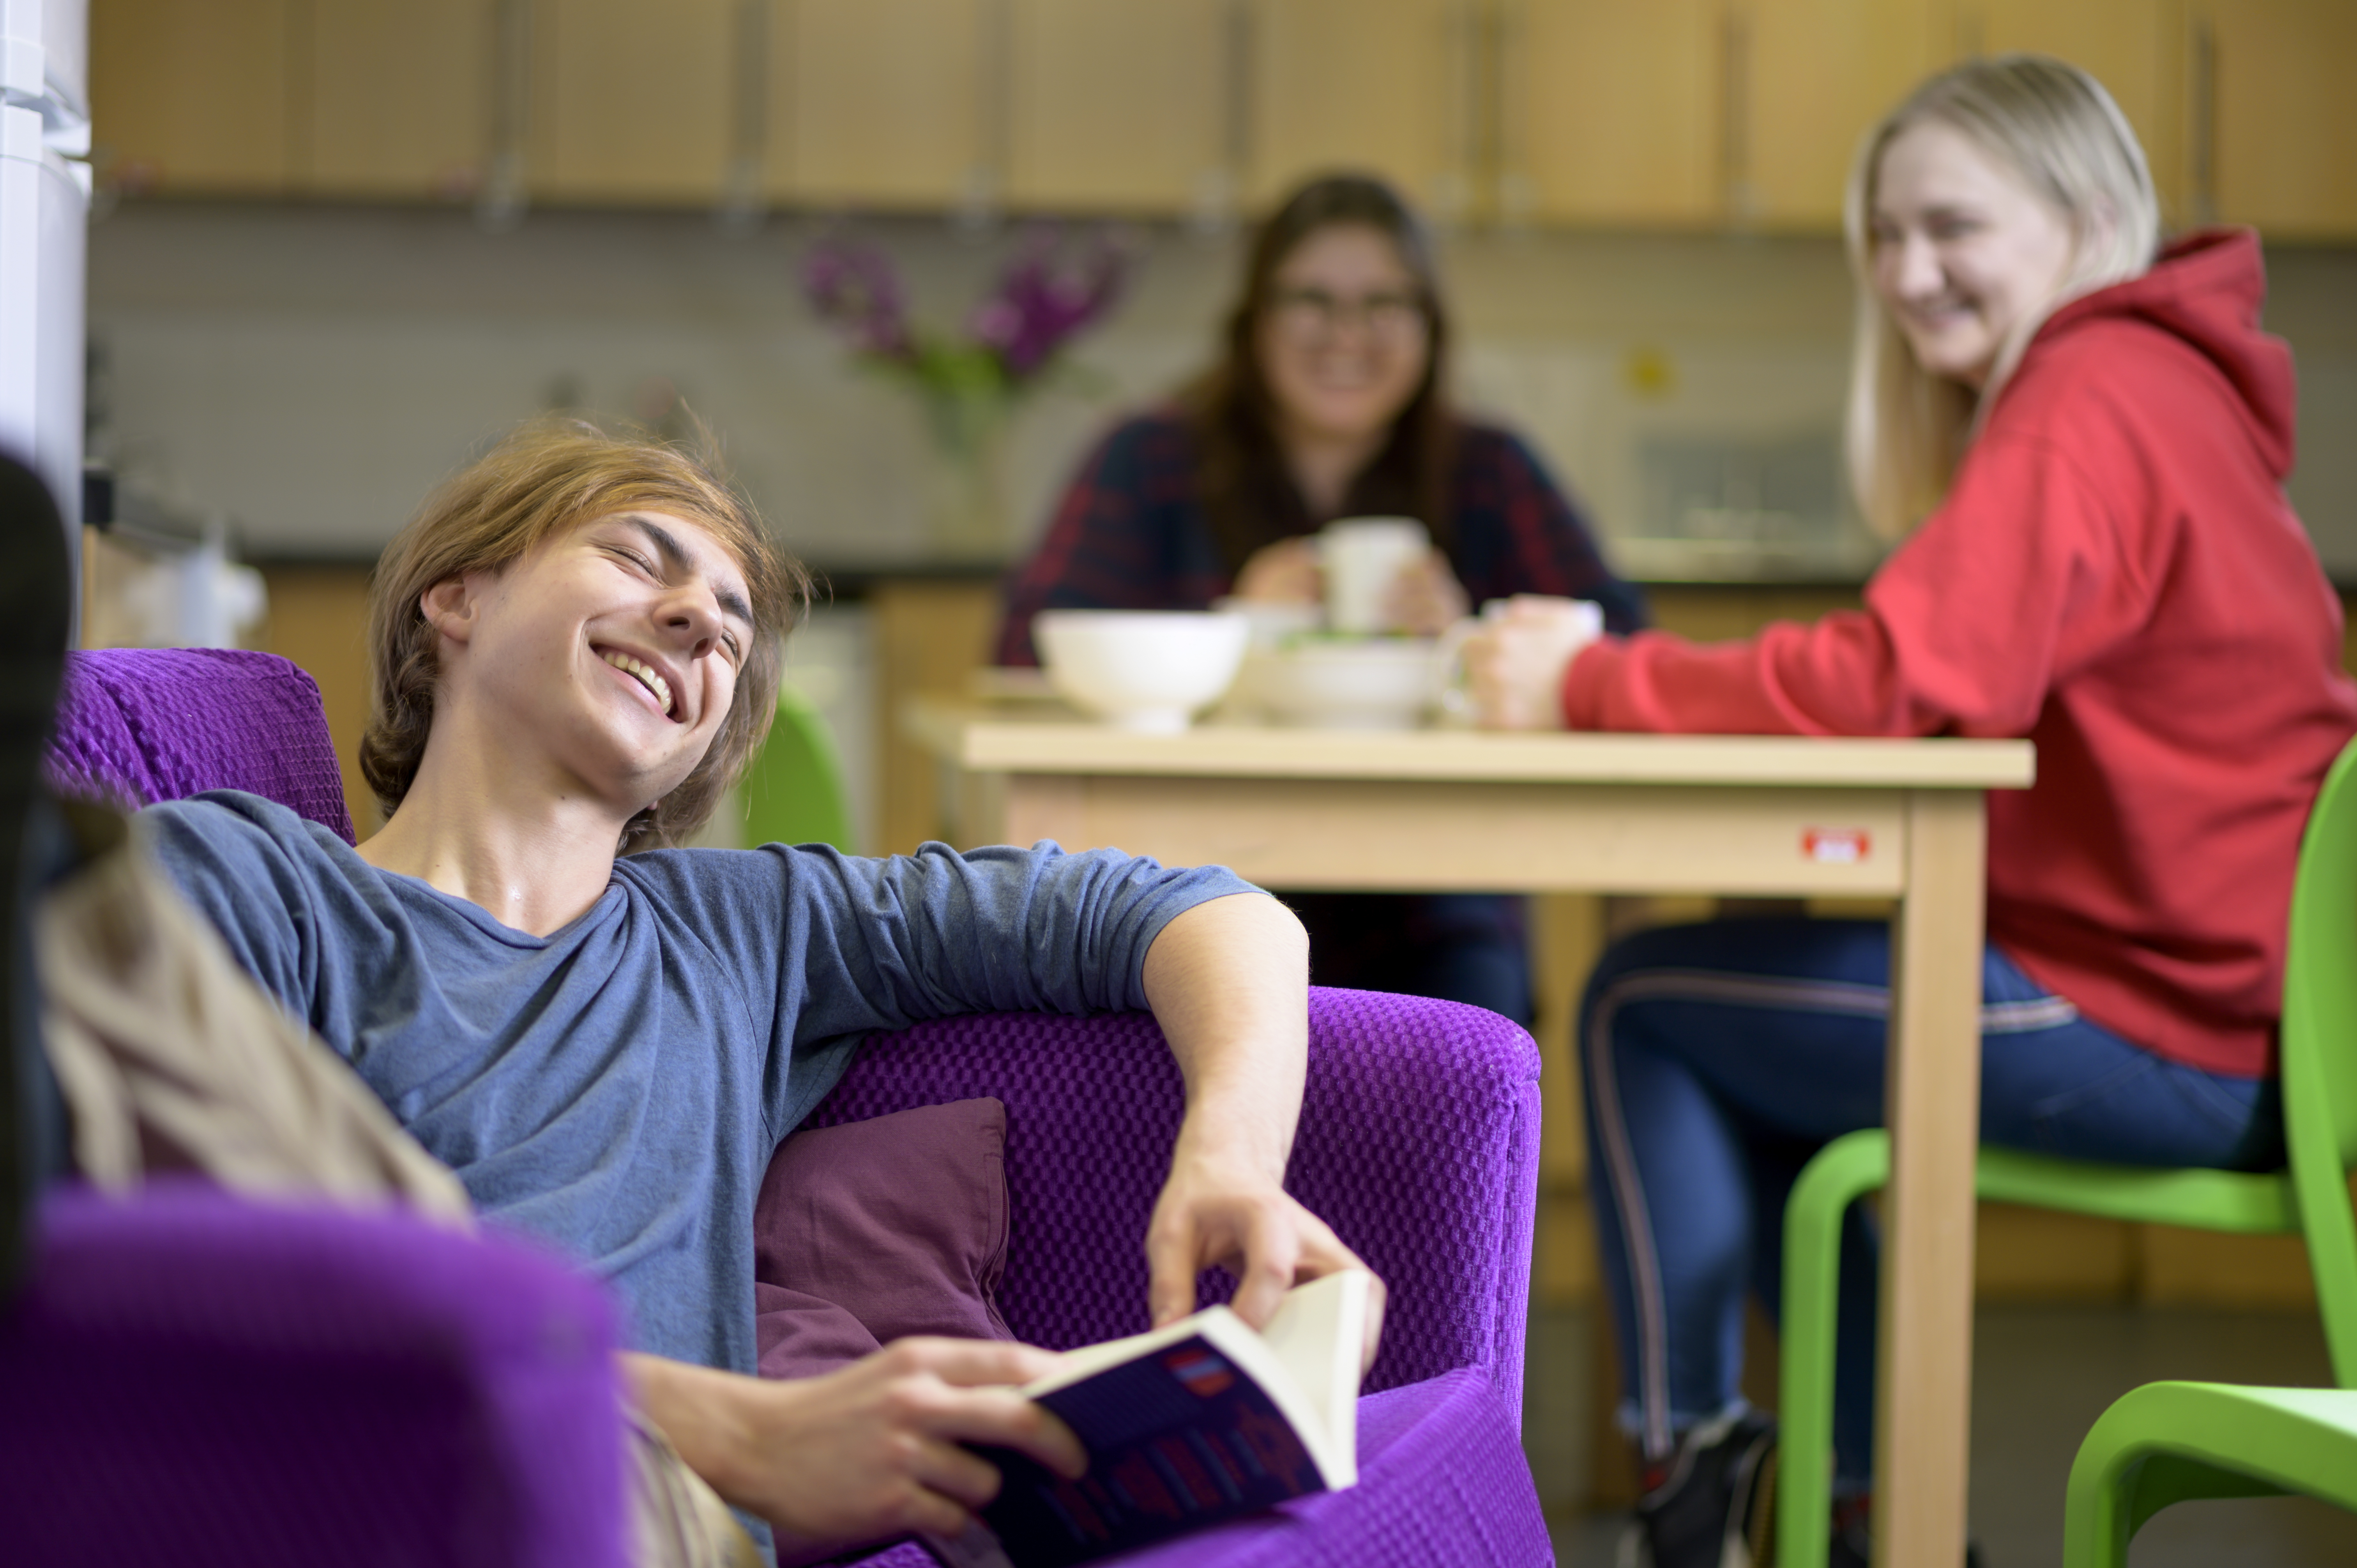 Gap Year Program - Campus Oxford: Gap Year Programs in United Kingdom  2